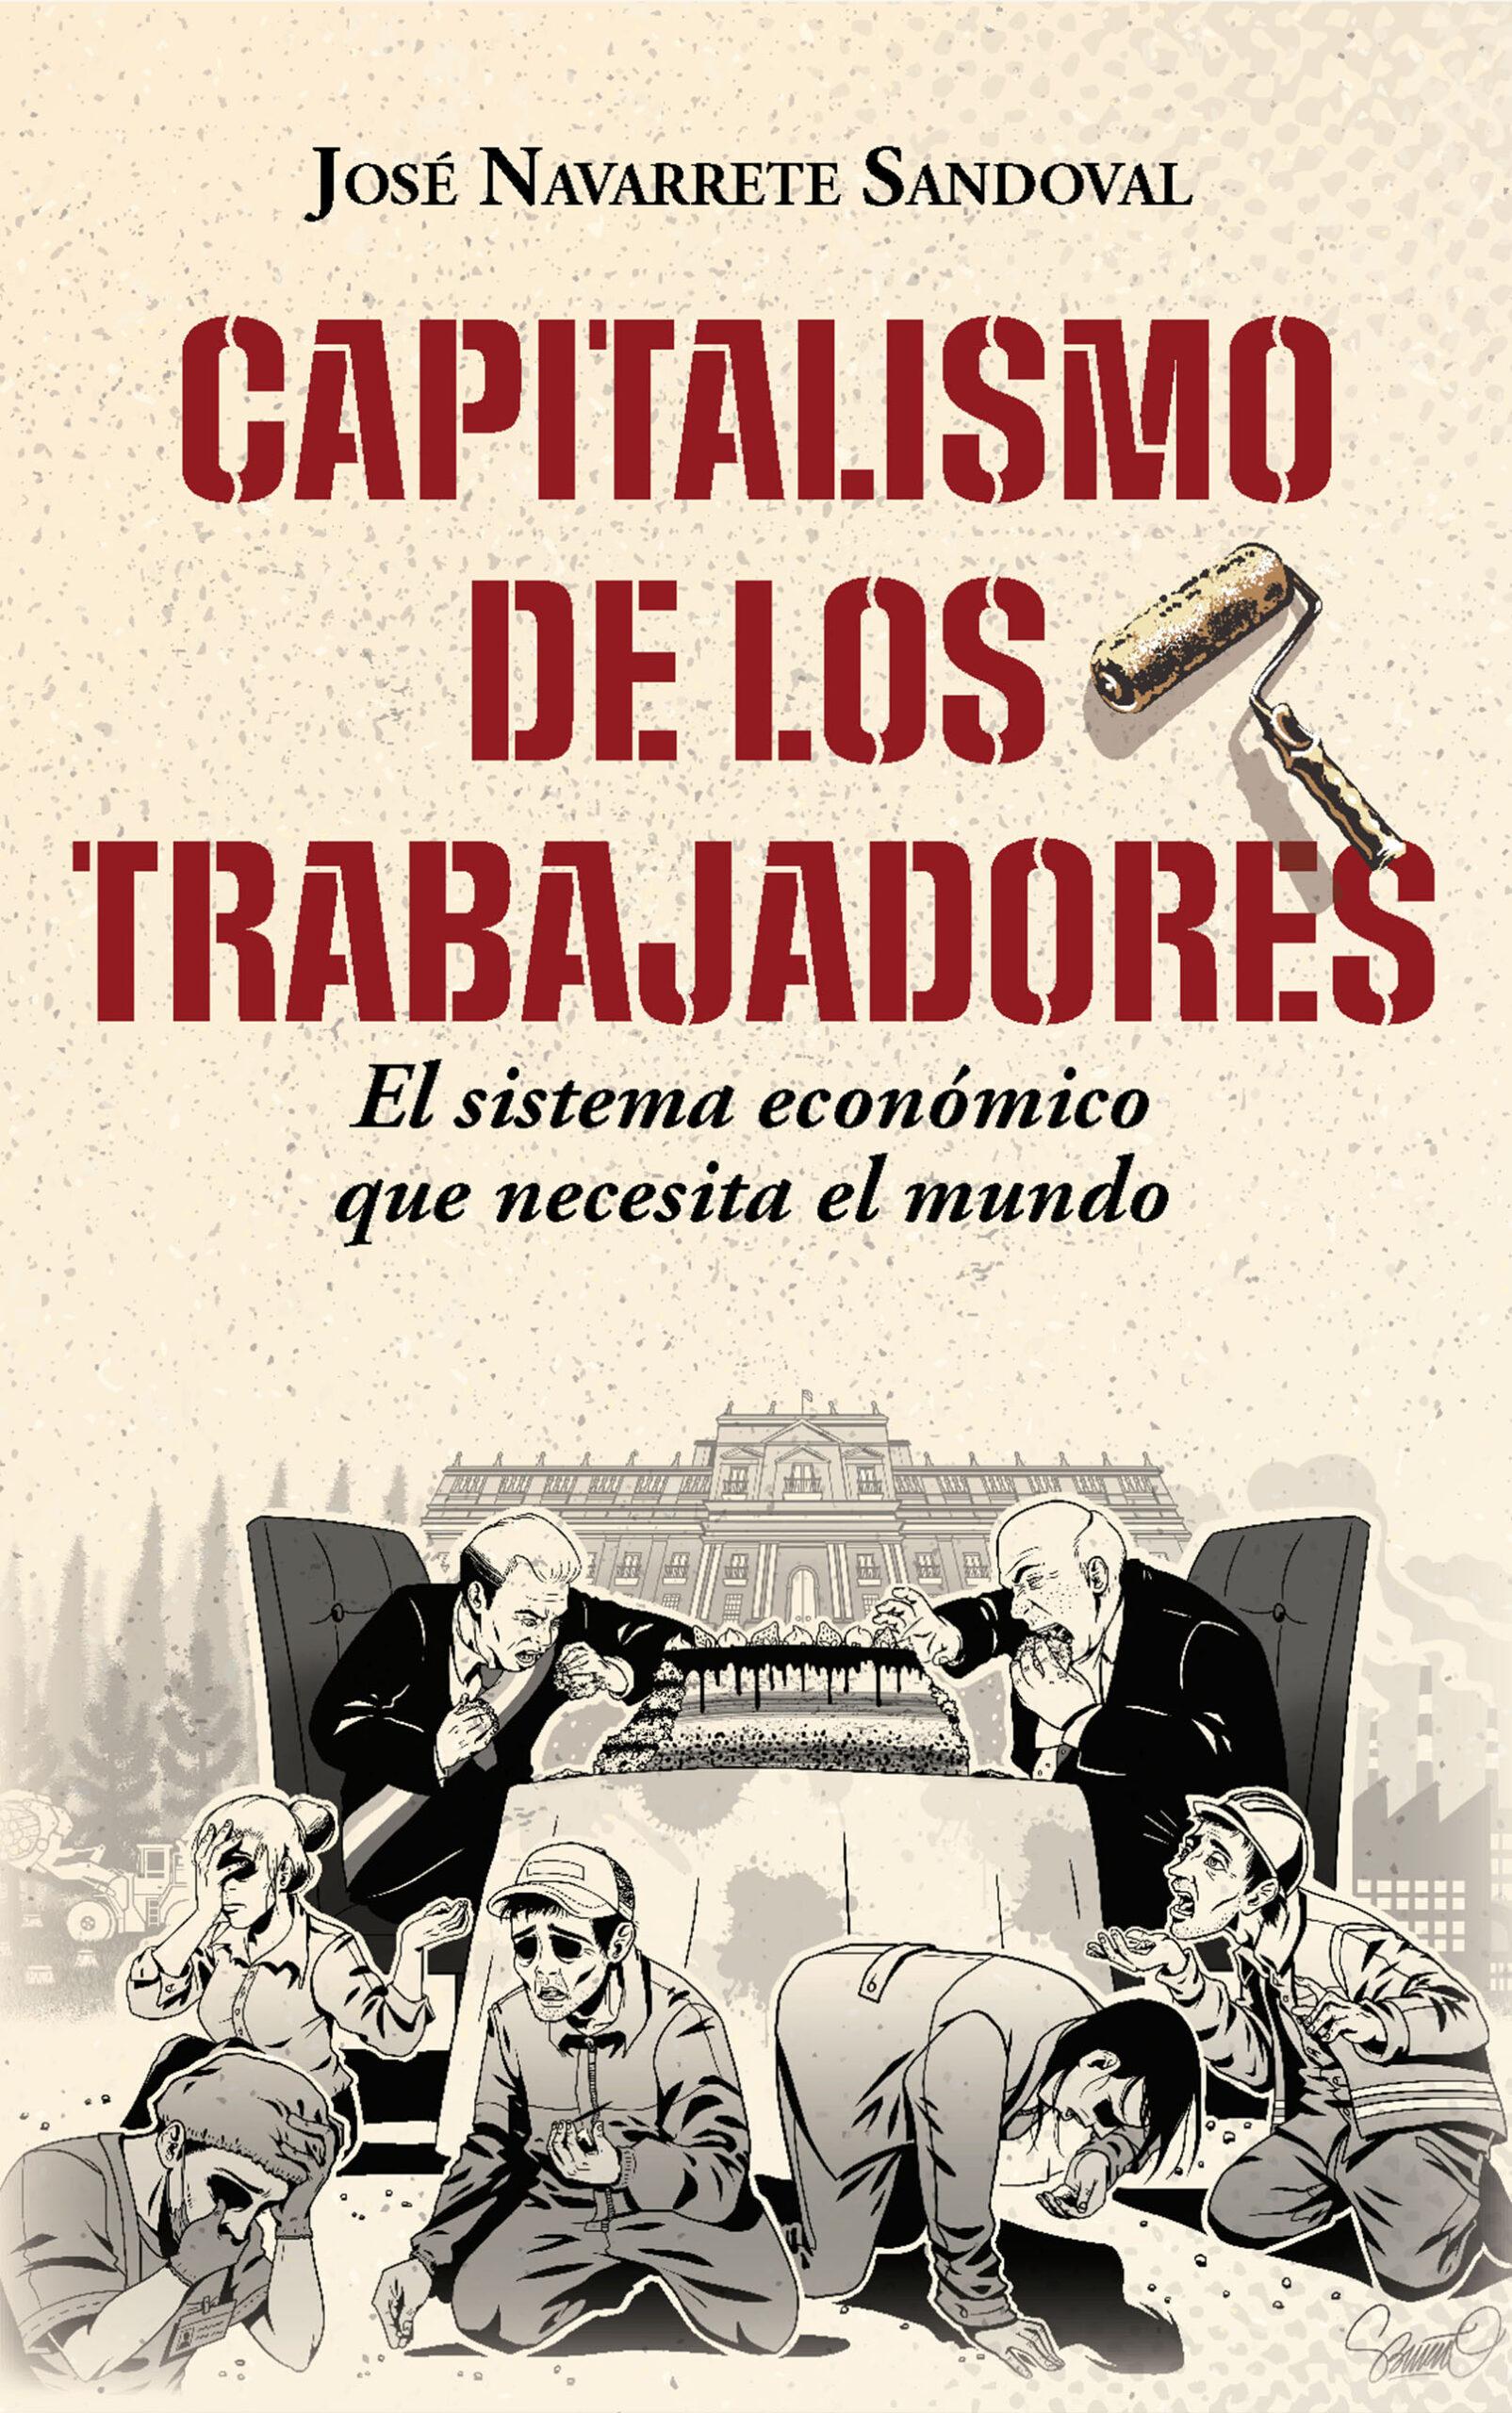 Capitalismo de los trabajadores, de José Navarrete Sandoval